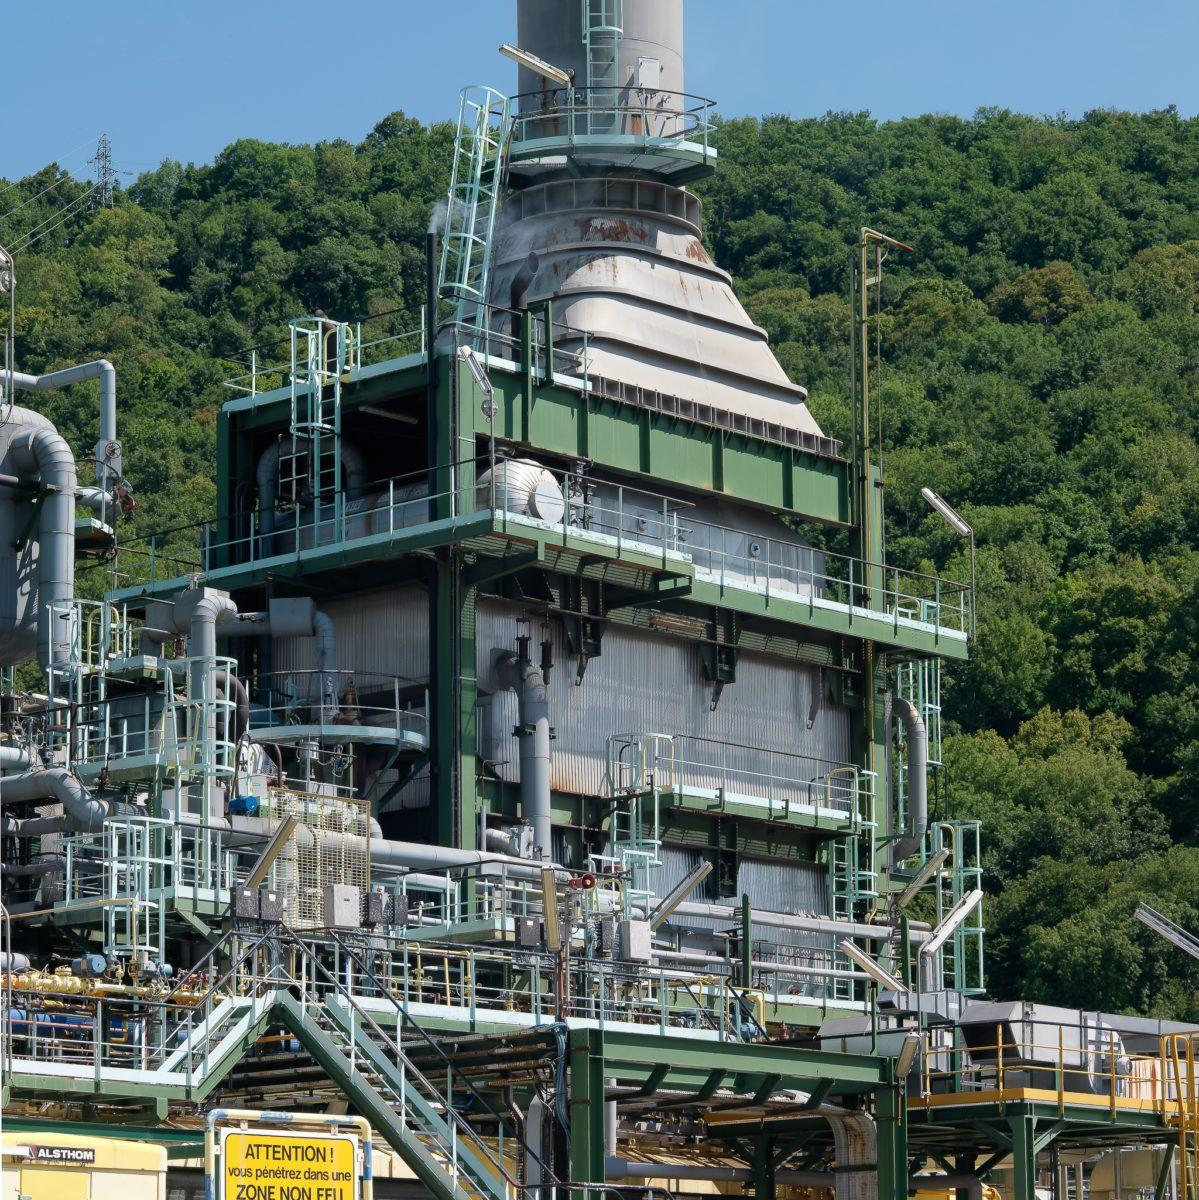 La centrale electrique d'une usine chimique, avec la forêt en fond